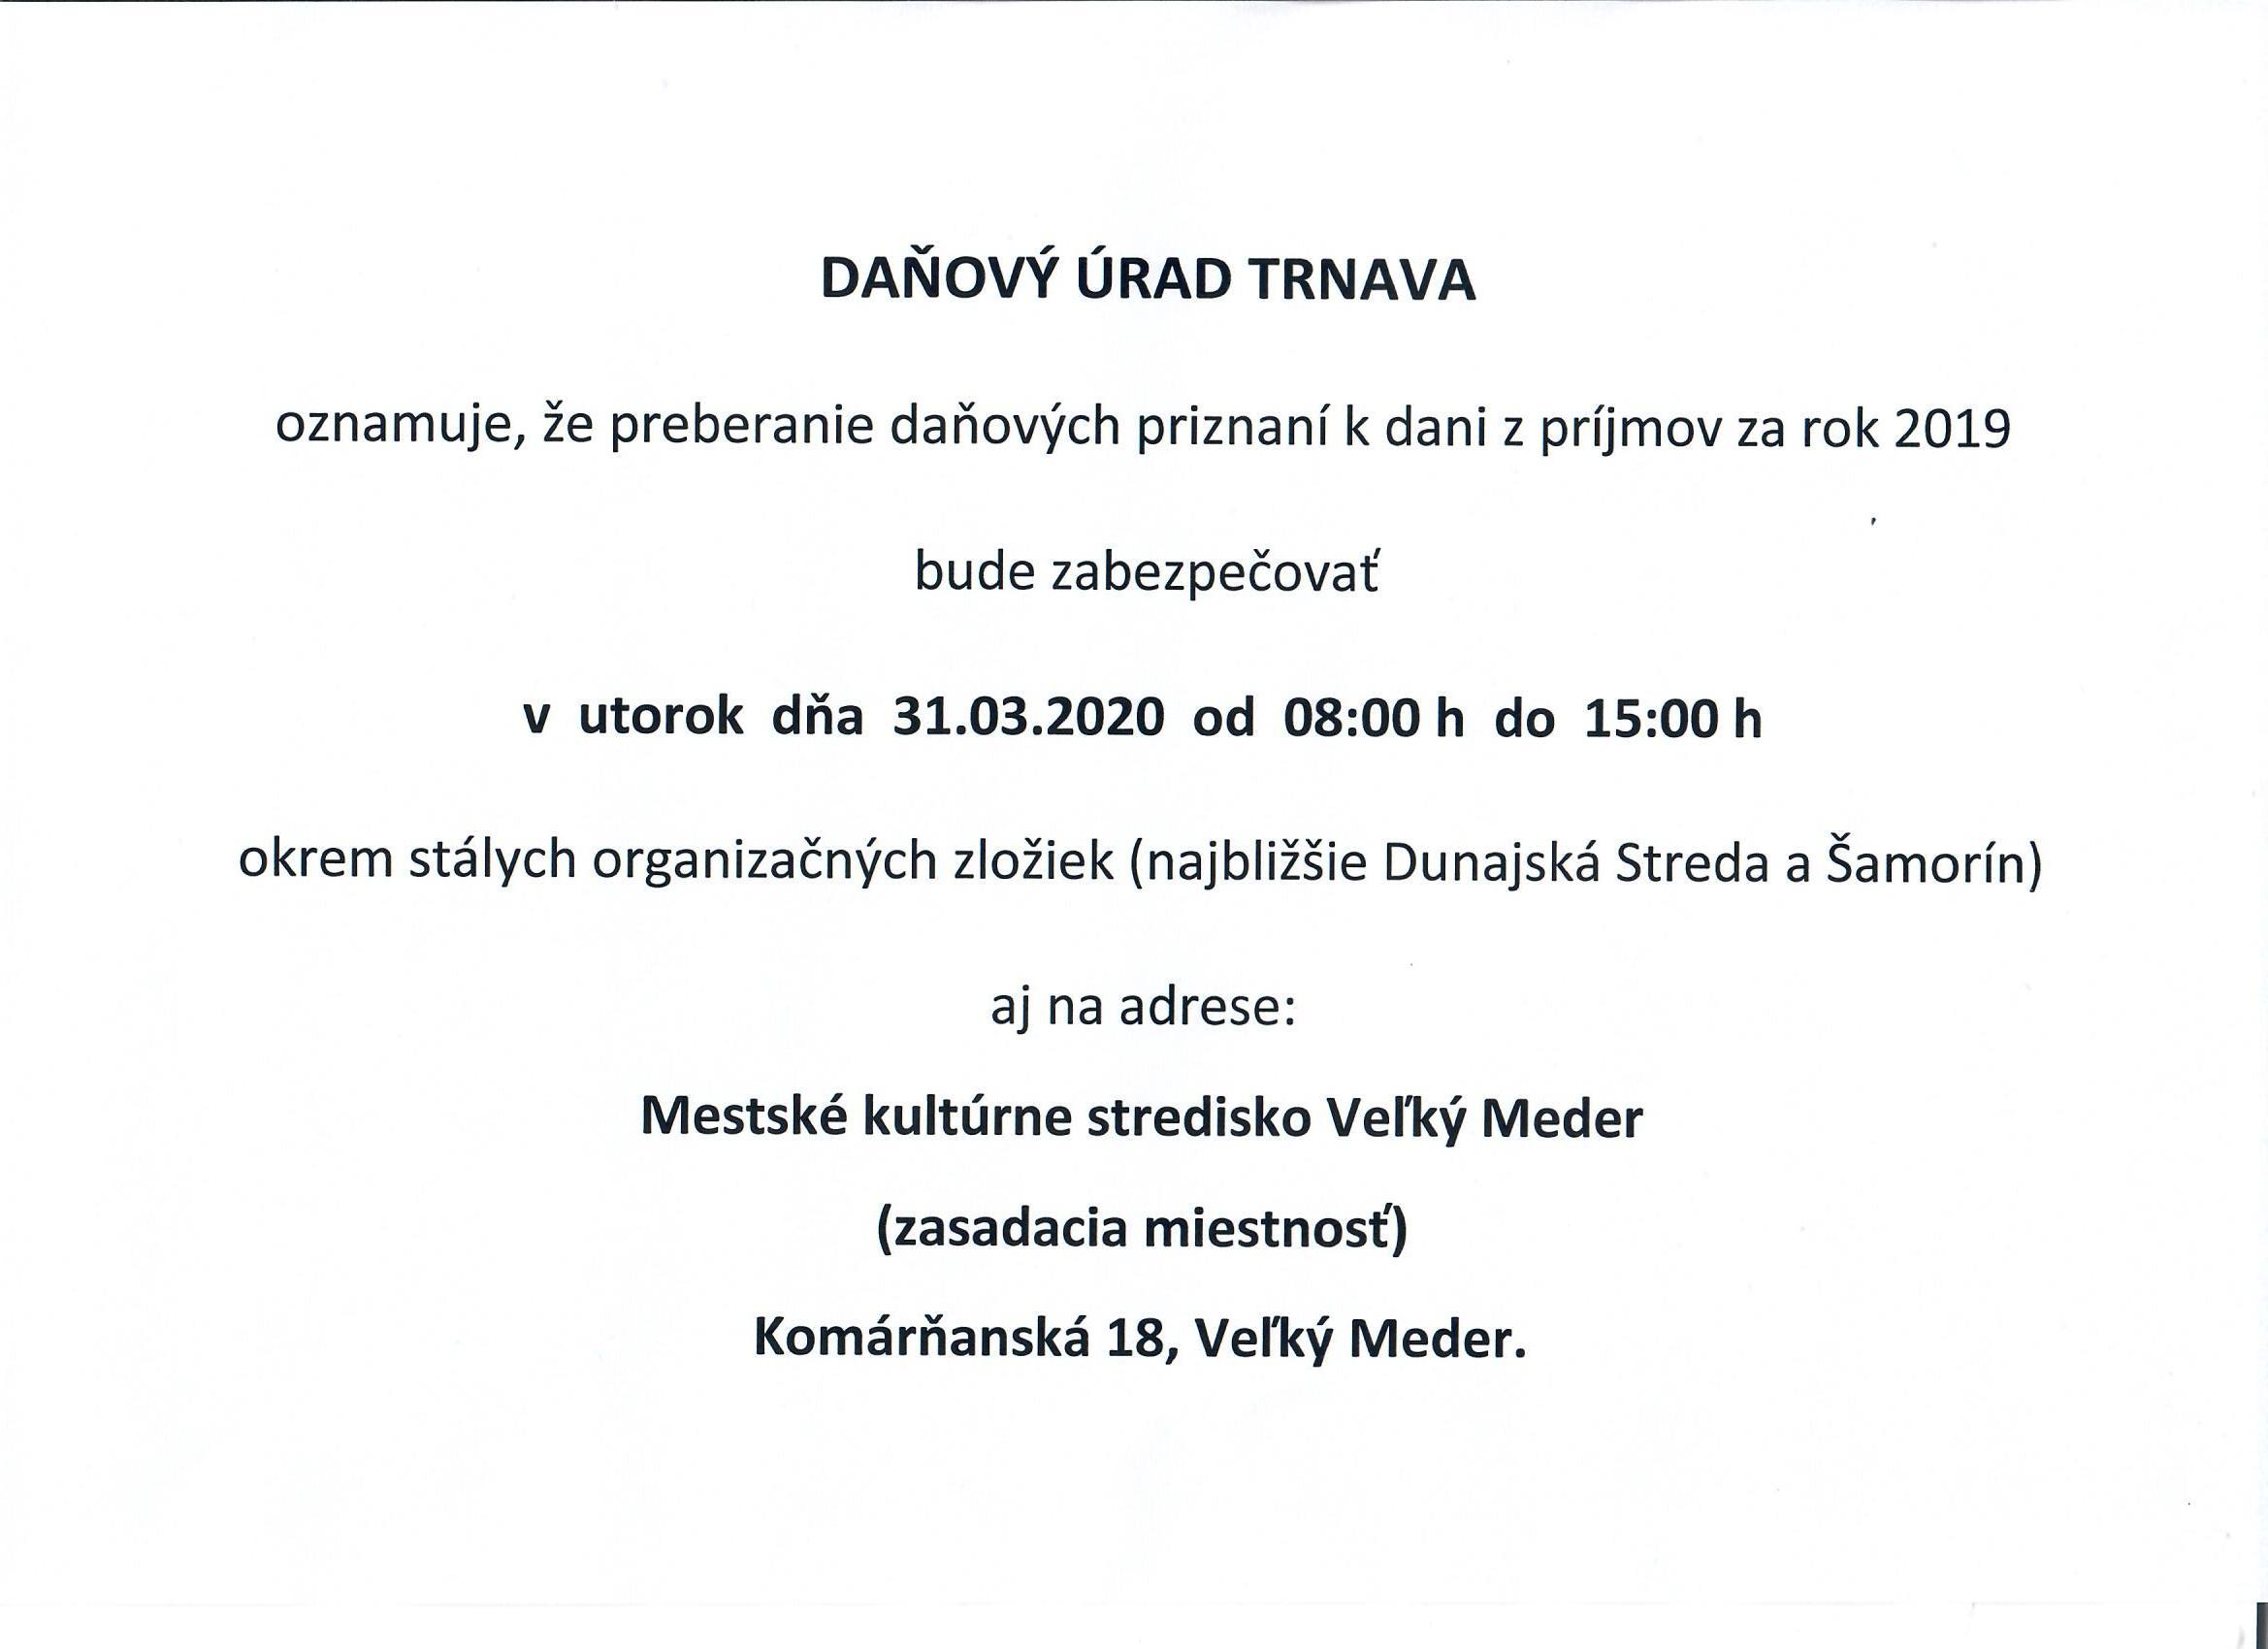 Értesítés - Adóhivatal // Oznámenie - Daňový úrad 1